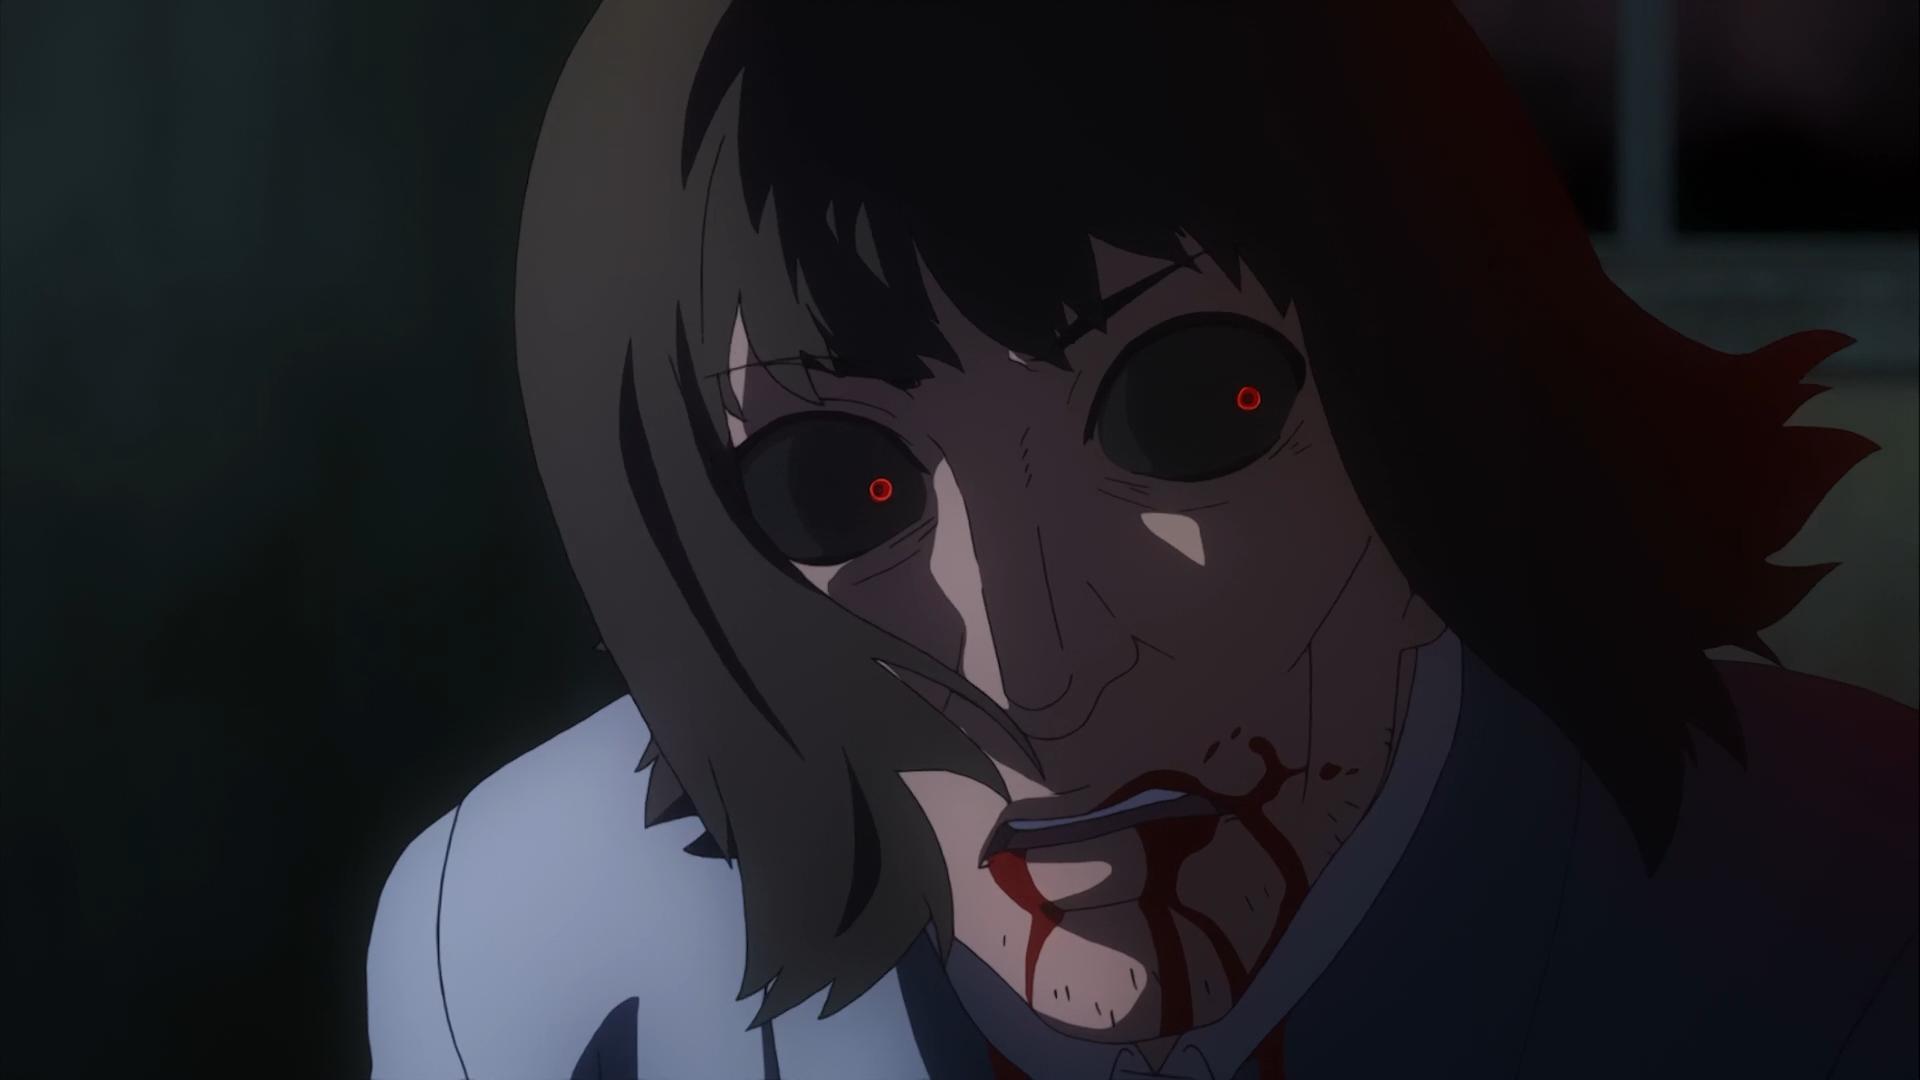 Kết quả hình ảnh cho kazuo yoshida tokyo ghoul